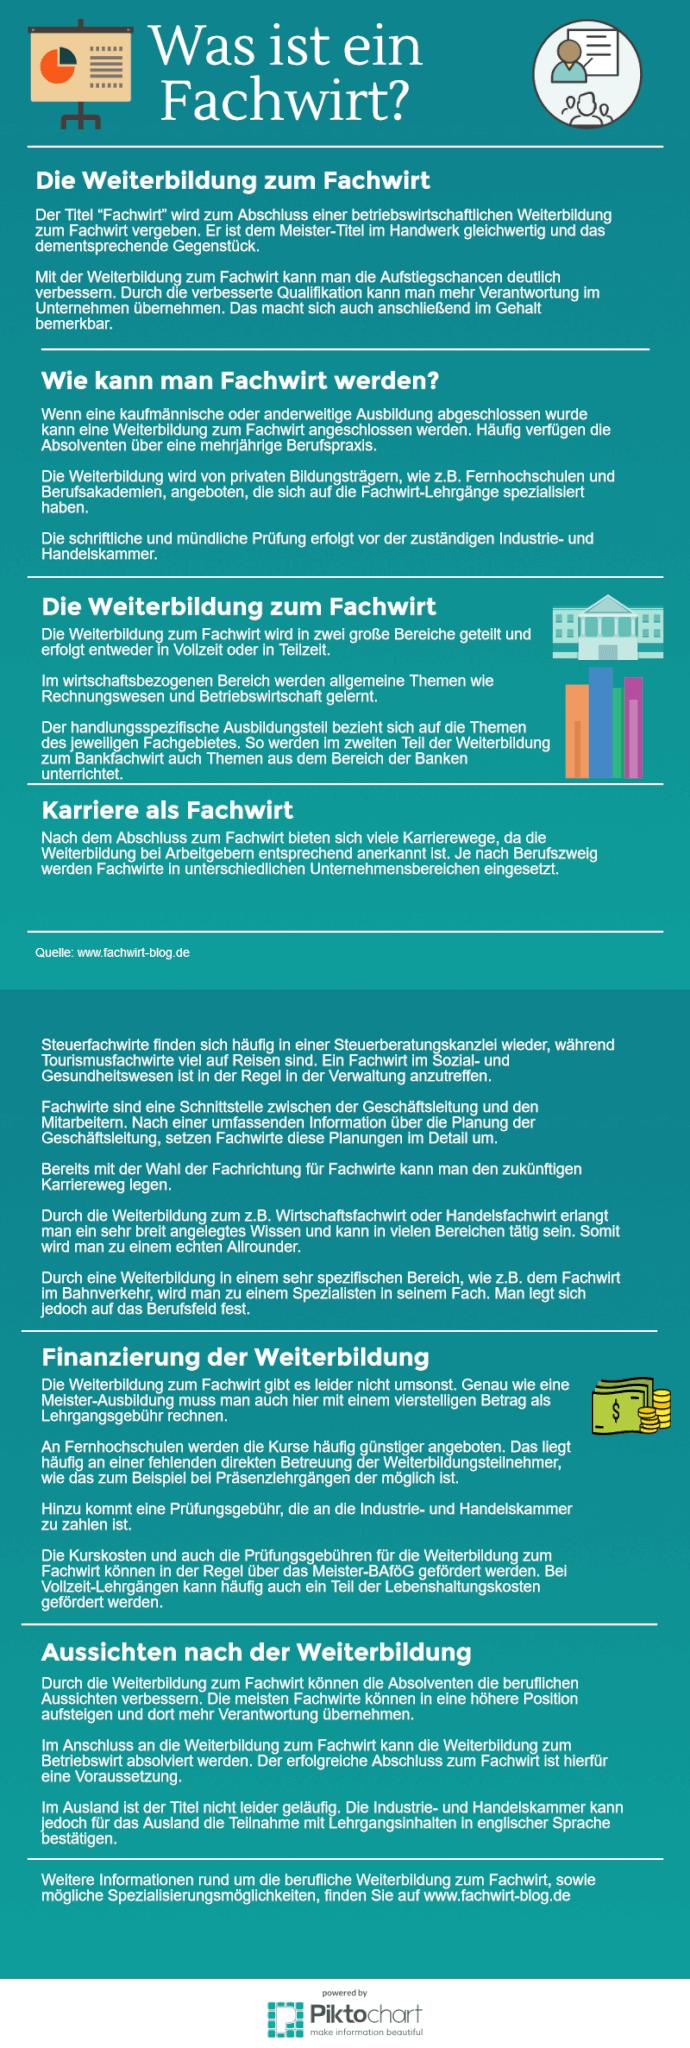 Infografik zur Fragestellung: Was ist ein Fachwirt?